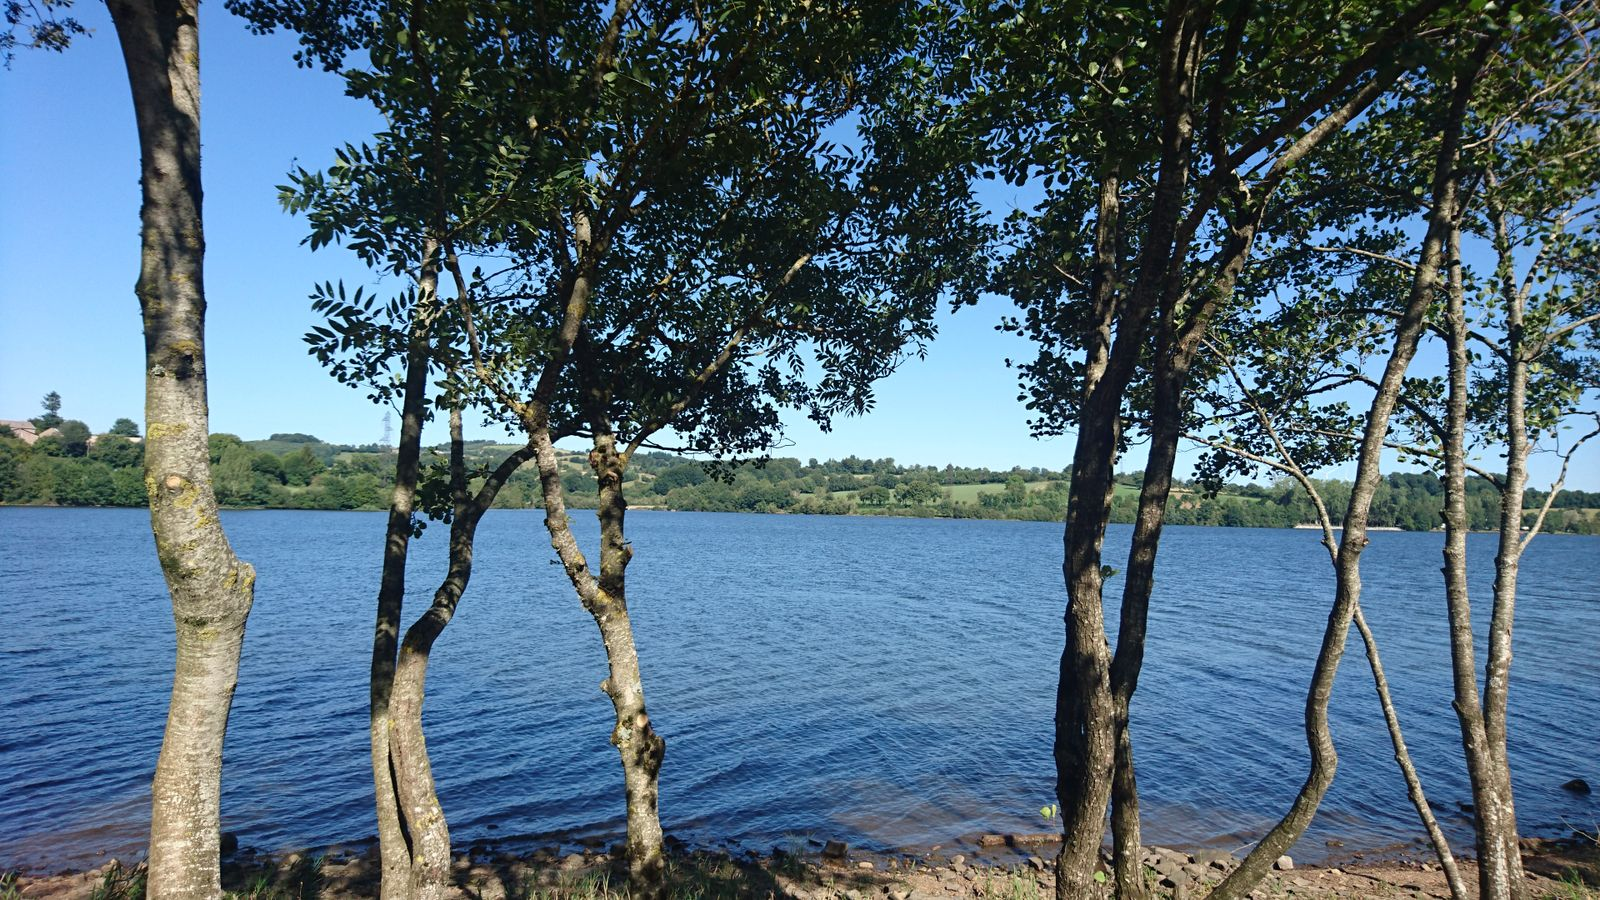 il fait bon se promener,  se baigner au bord du lac et aussi pêcher (300 mètres).